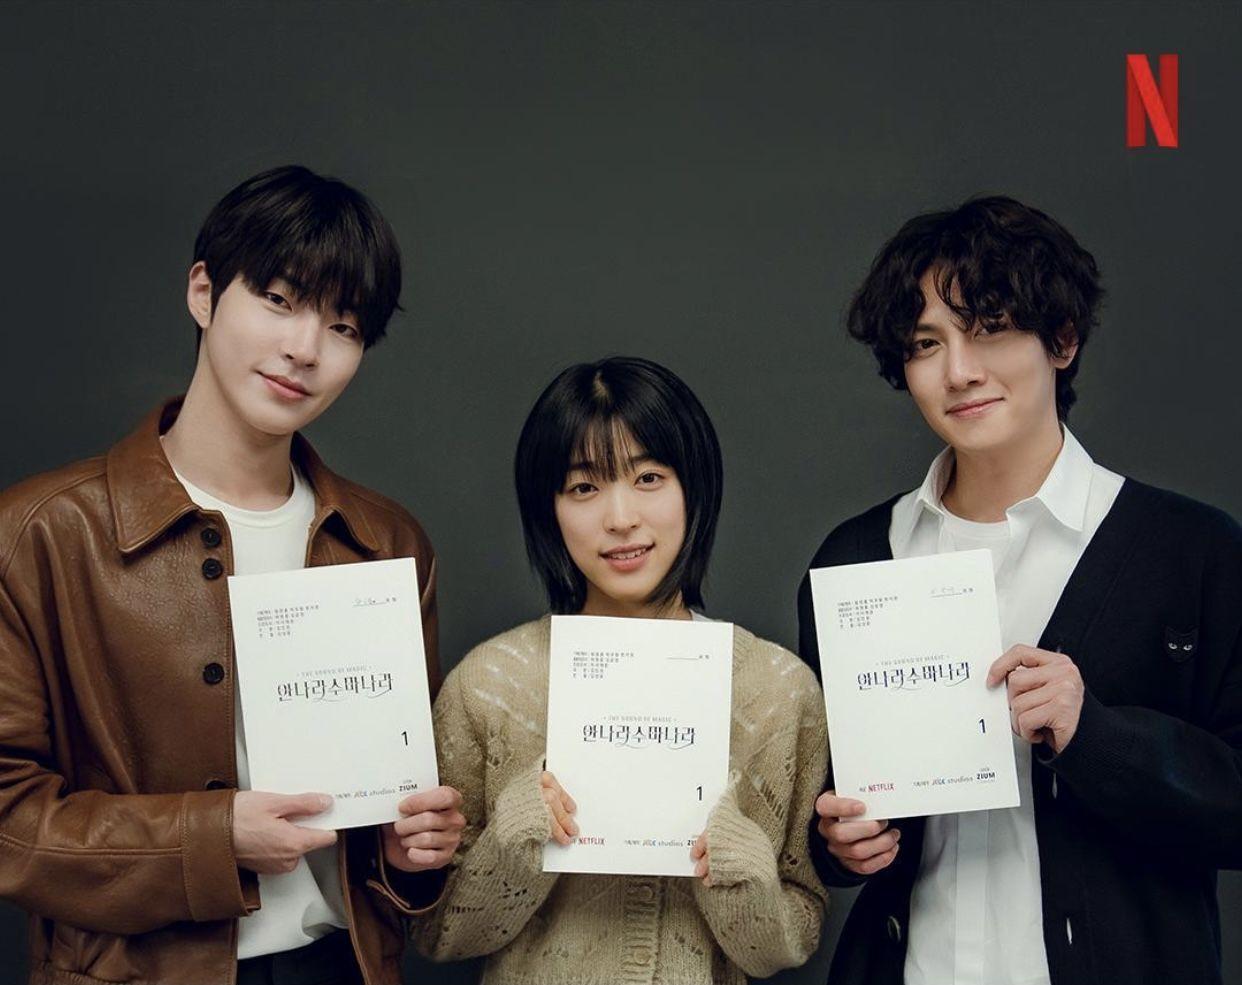 Choi Sung Eun